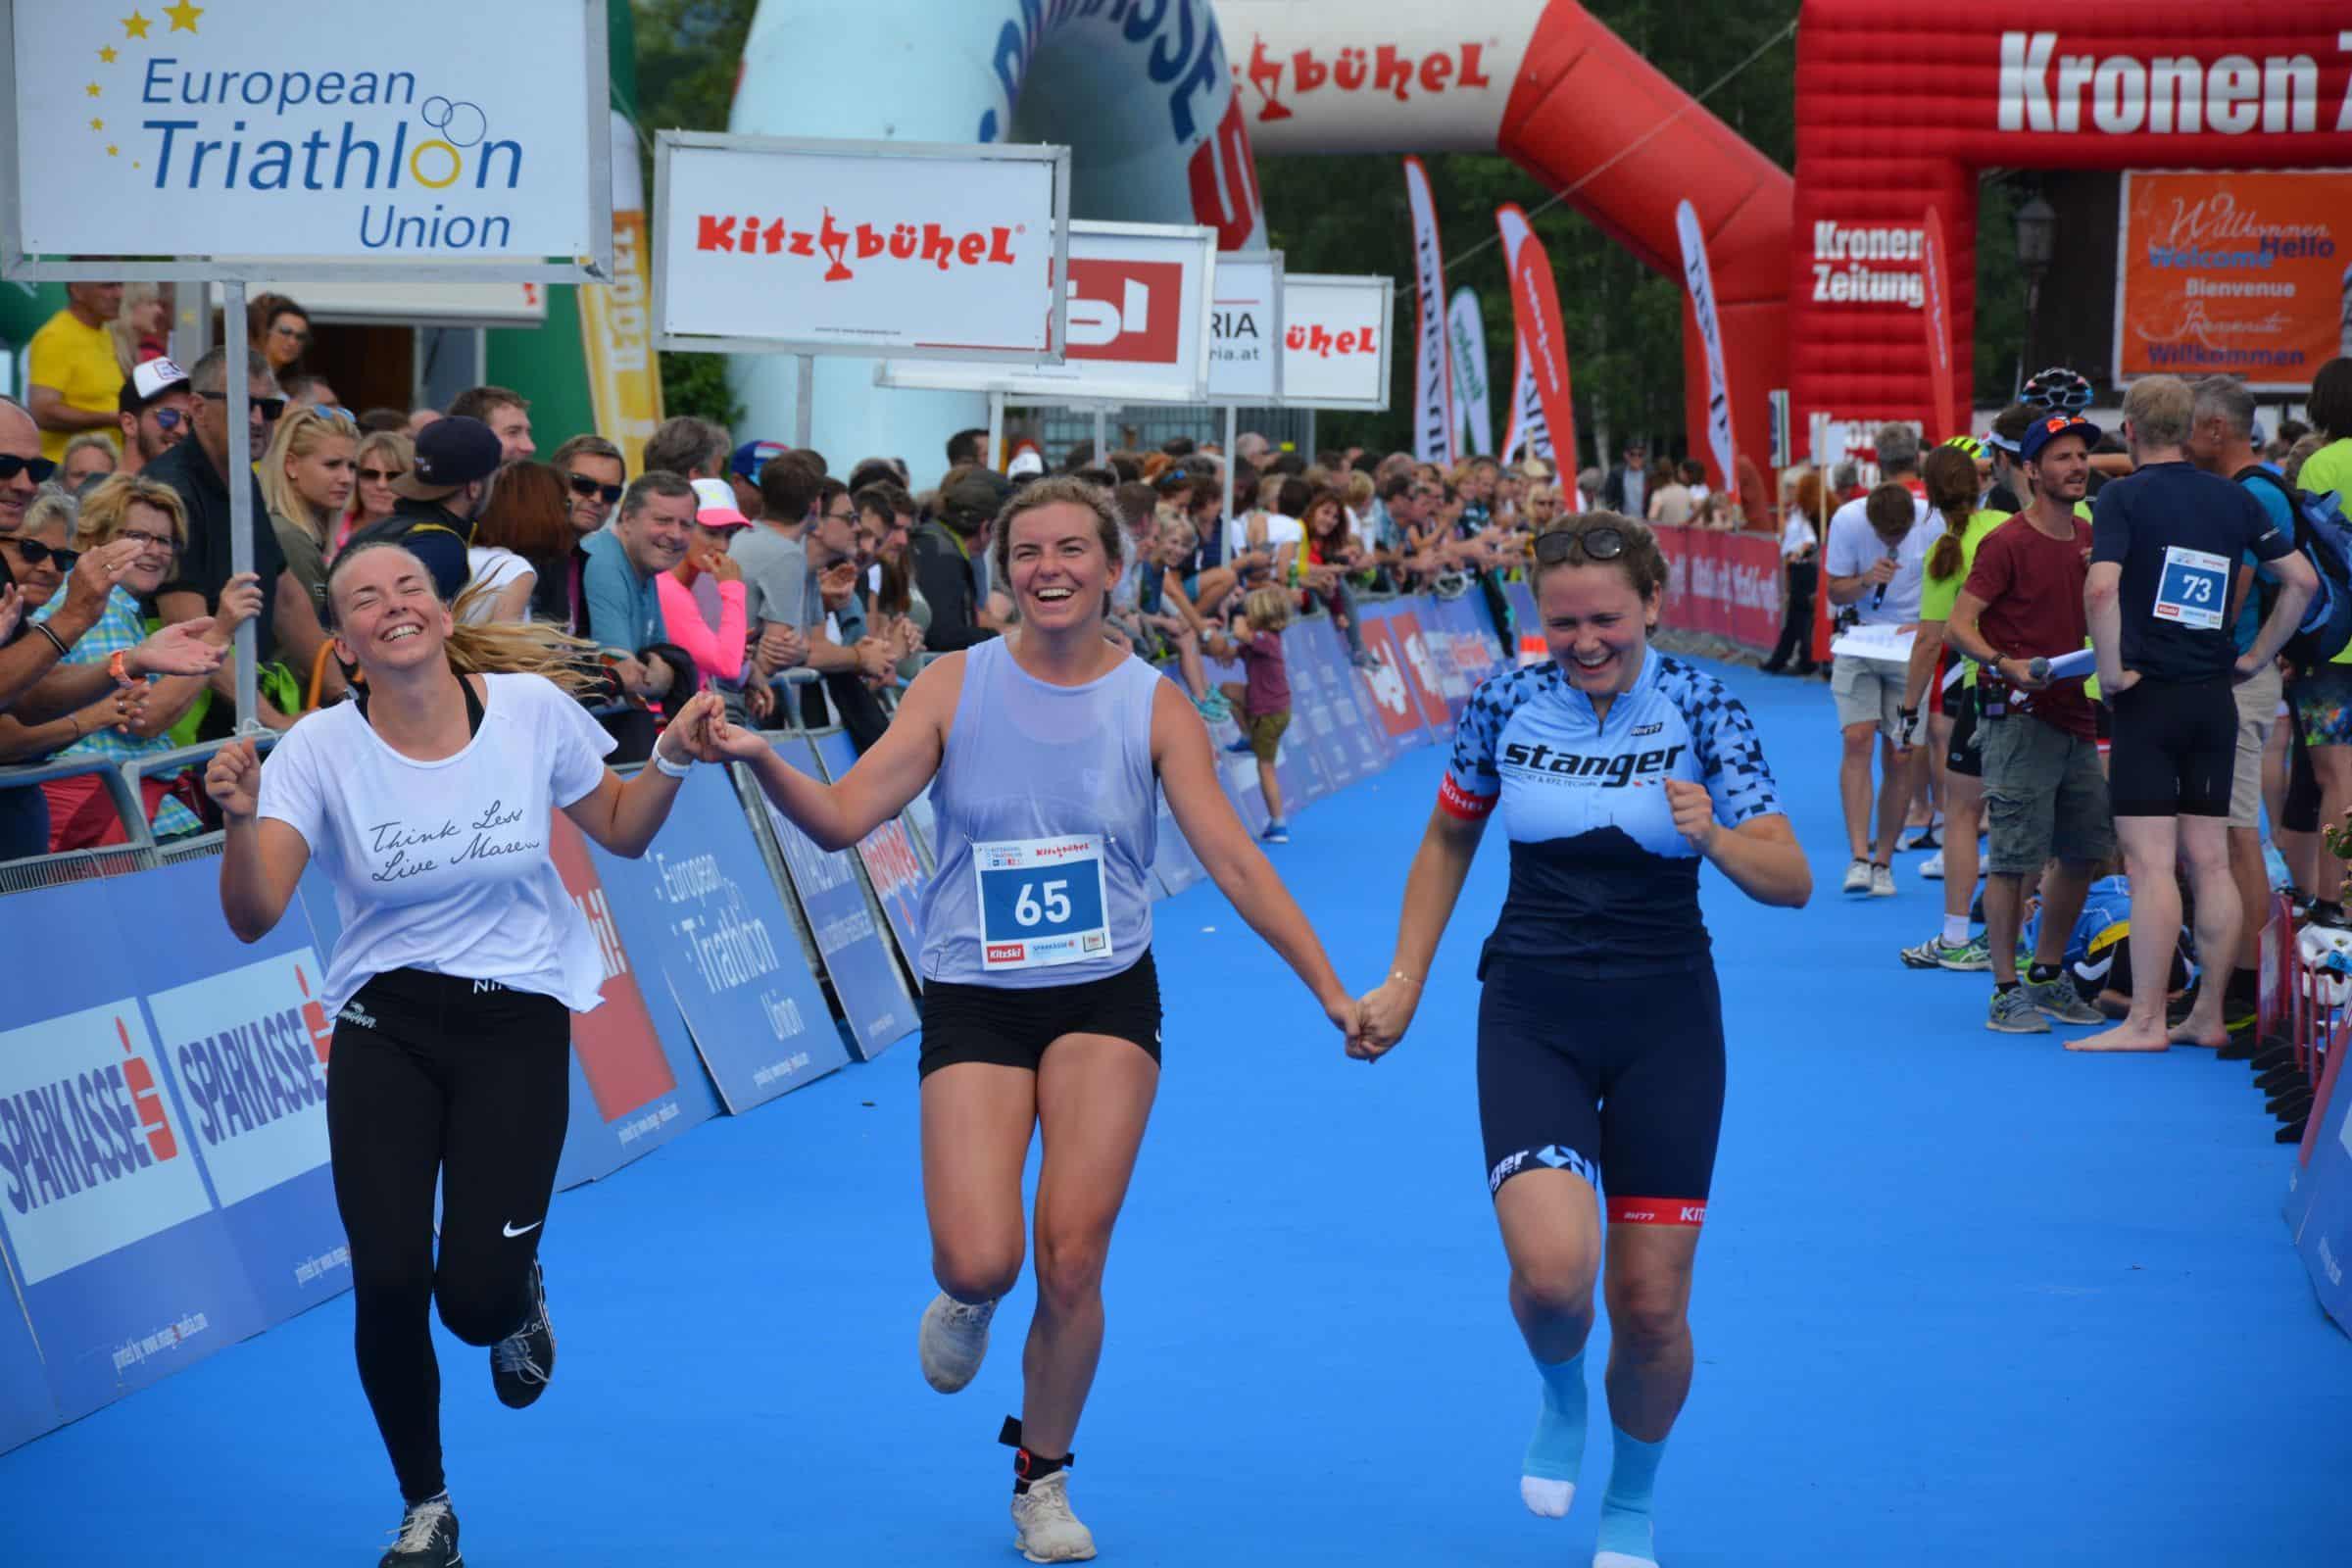 Frauen Triathlon, Frauen die ins Ziel einlaufen, 16.06.2020, Kitzbühel, Schwarzsee